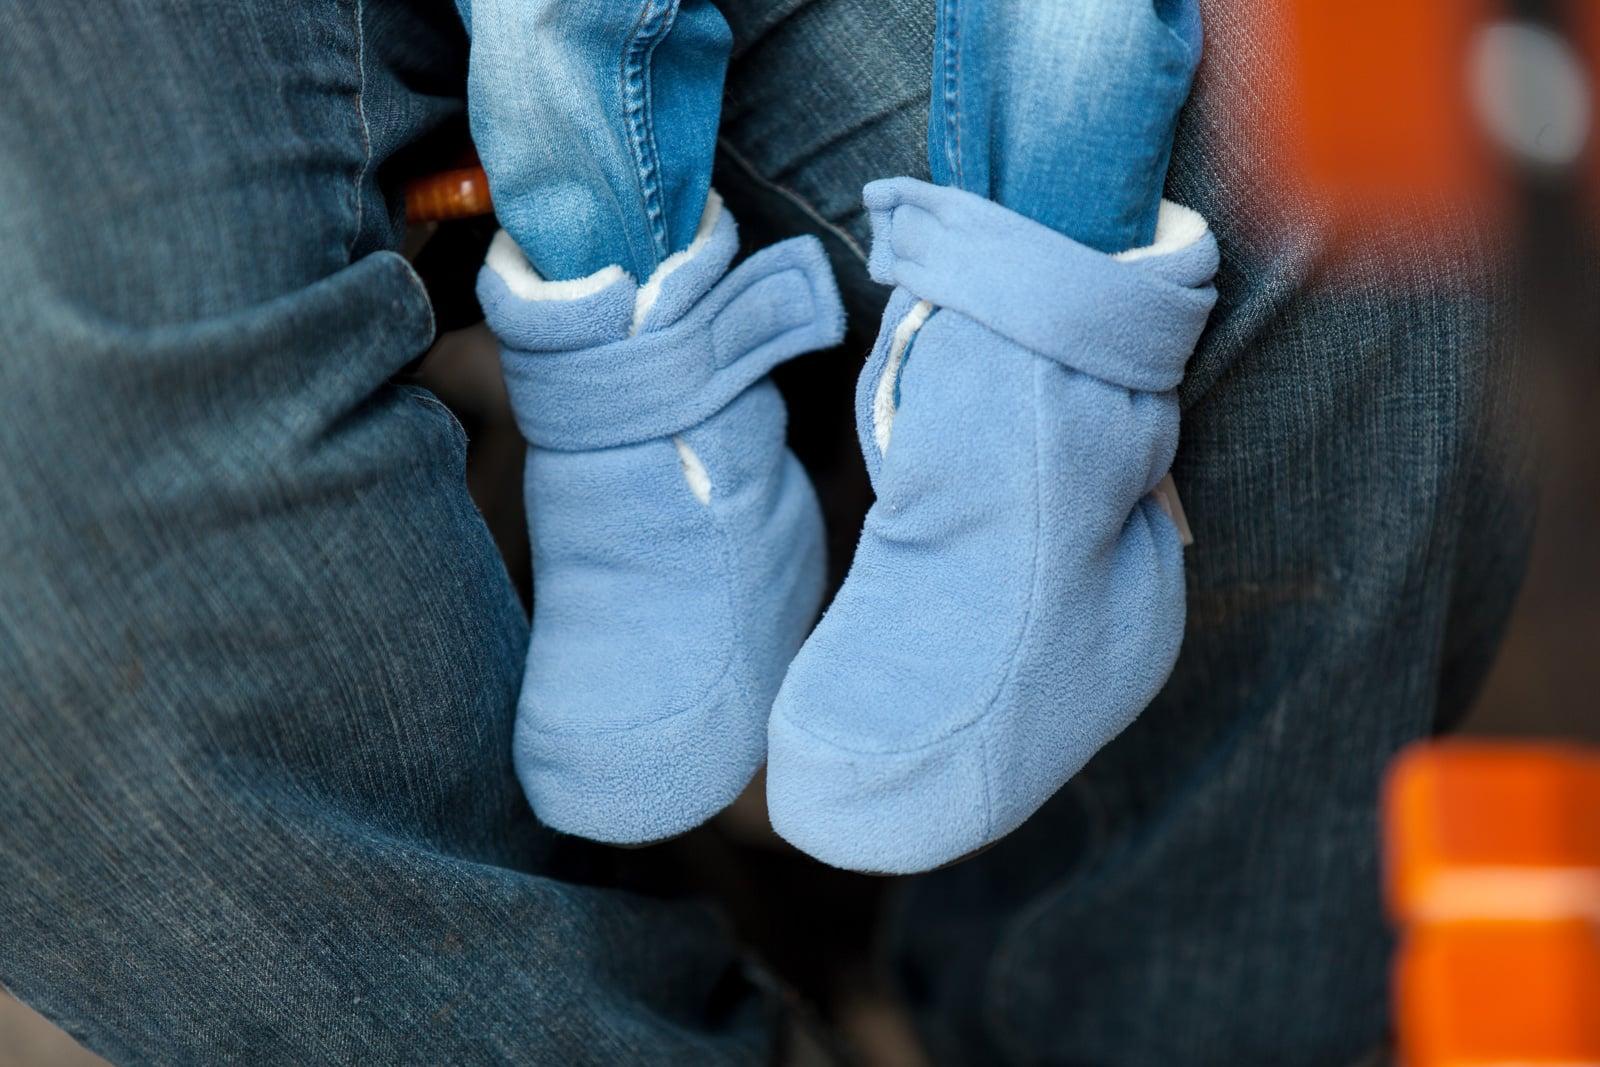 Kleine Kinderfüsse in Kuschelschuhen in blau.